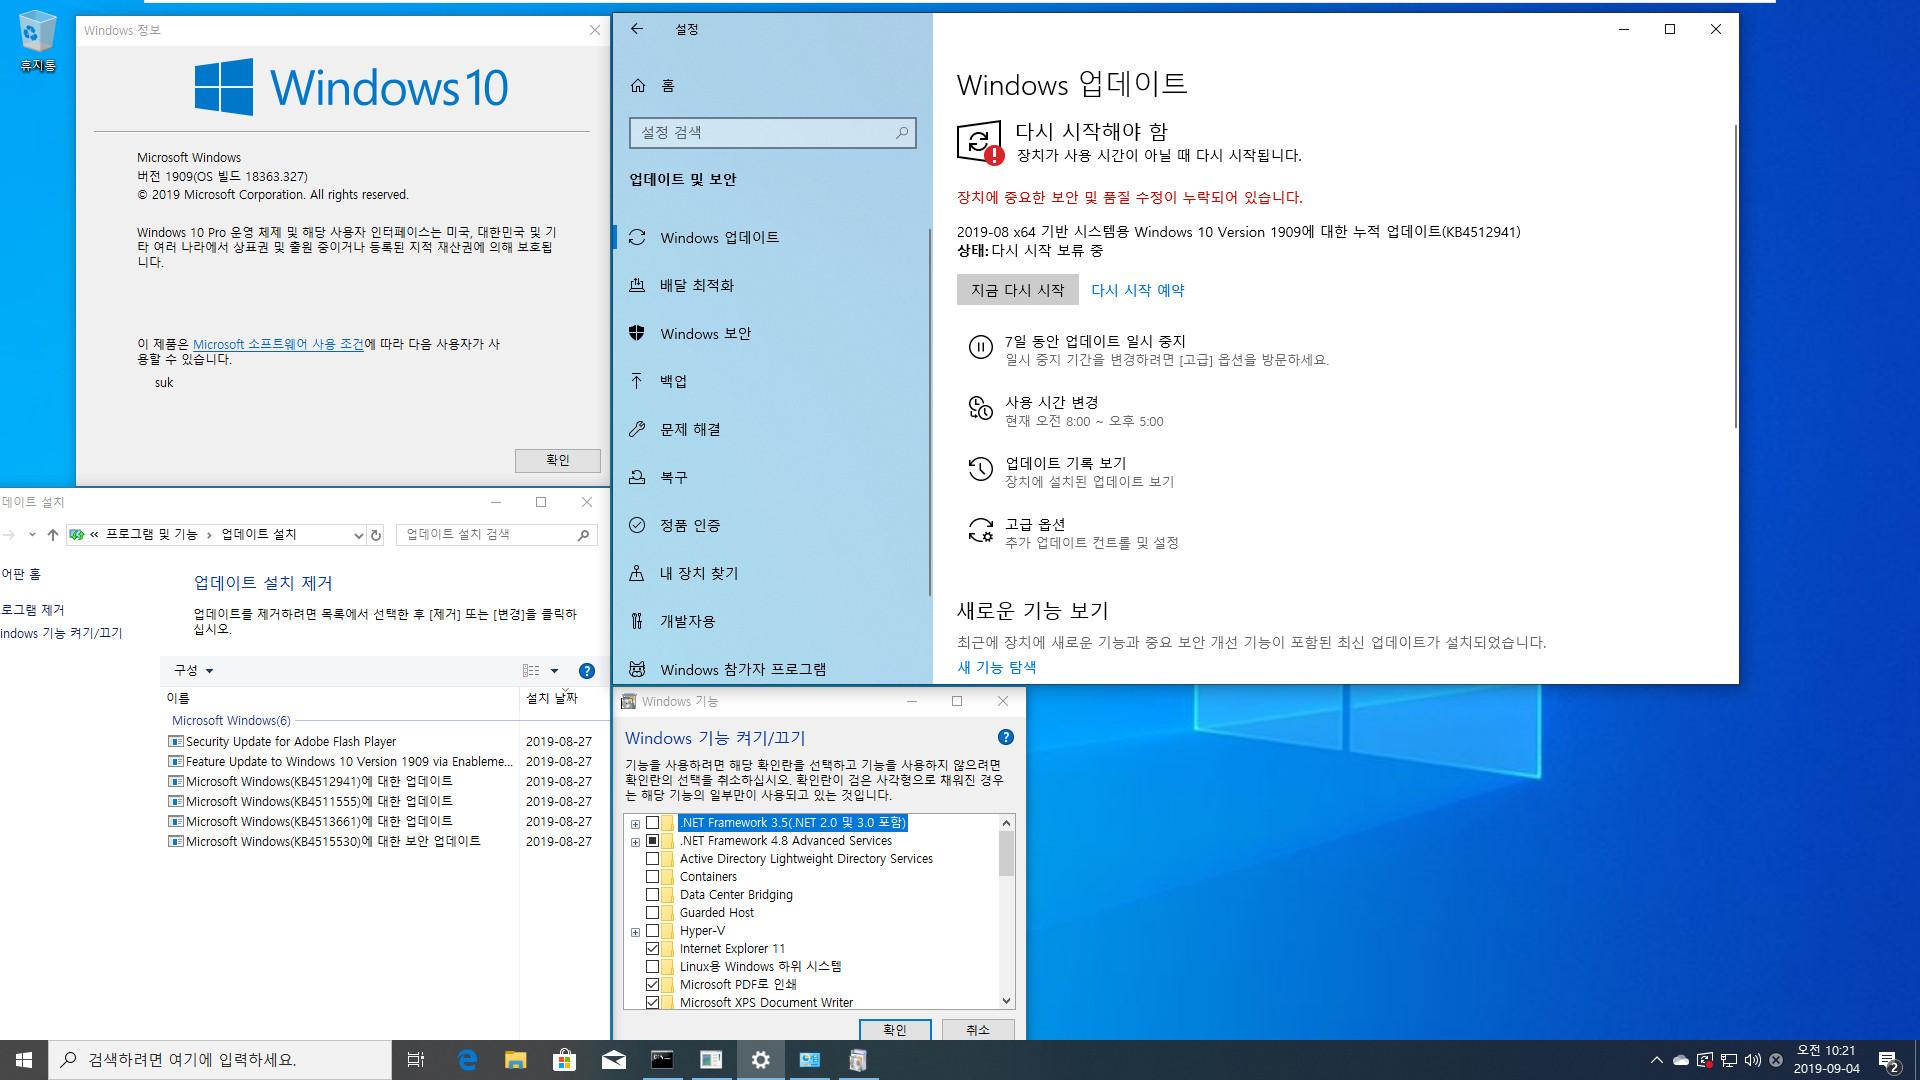 Windows 10 19H2 버전 1909 (OS 빌드 18363.327) 릴리스 프리뷰 - ms 에서 배포한 iso - 설치 테스트 - ms 계정으로 릴리스 프리뷰로 윈도 업데이트 - 그래도 18363.329 누적 업데이트 KB4512941 설치 실패 - MDL 사이트의 조금 난해한 방법 시도 - 오 설치 성공이네요 2019-09-04_102150.jpg